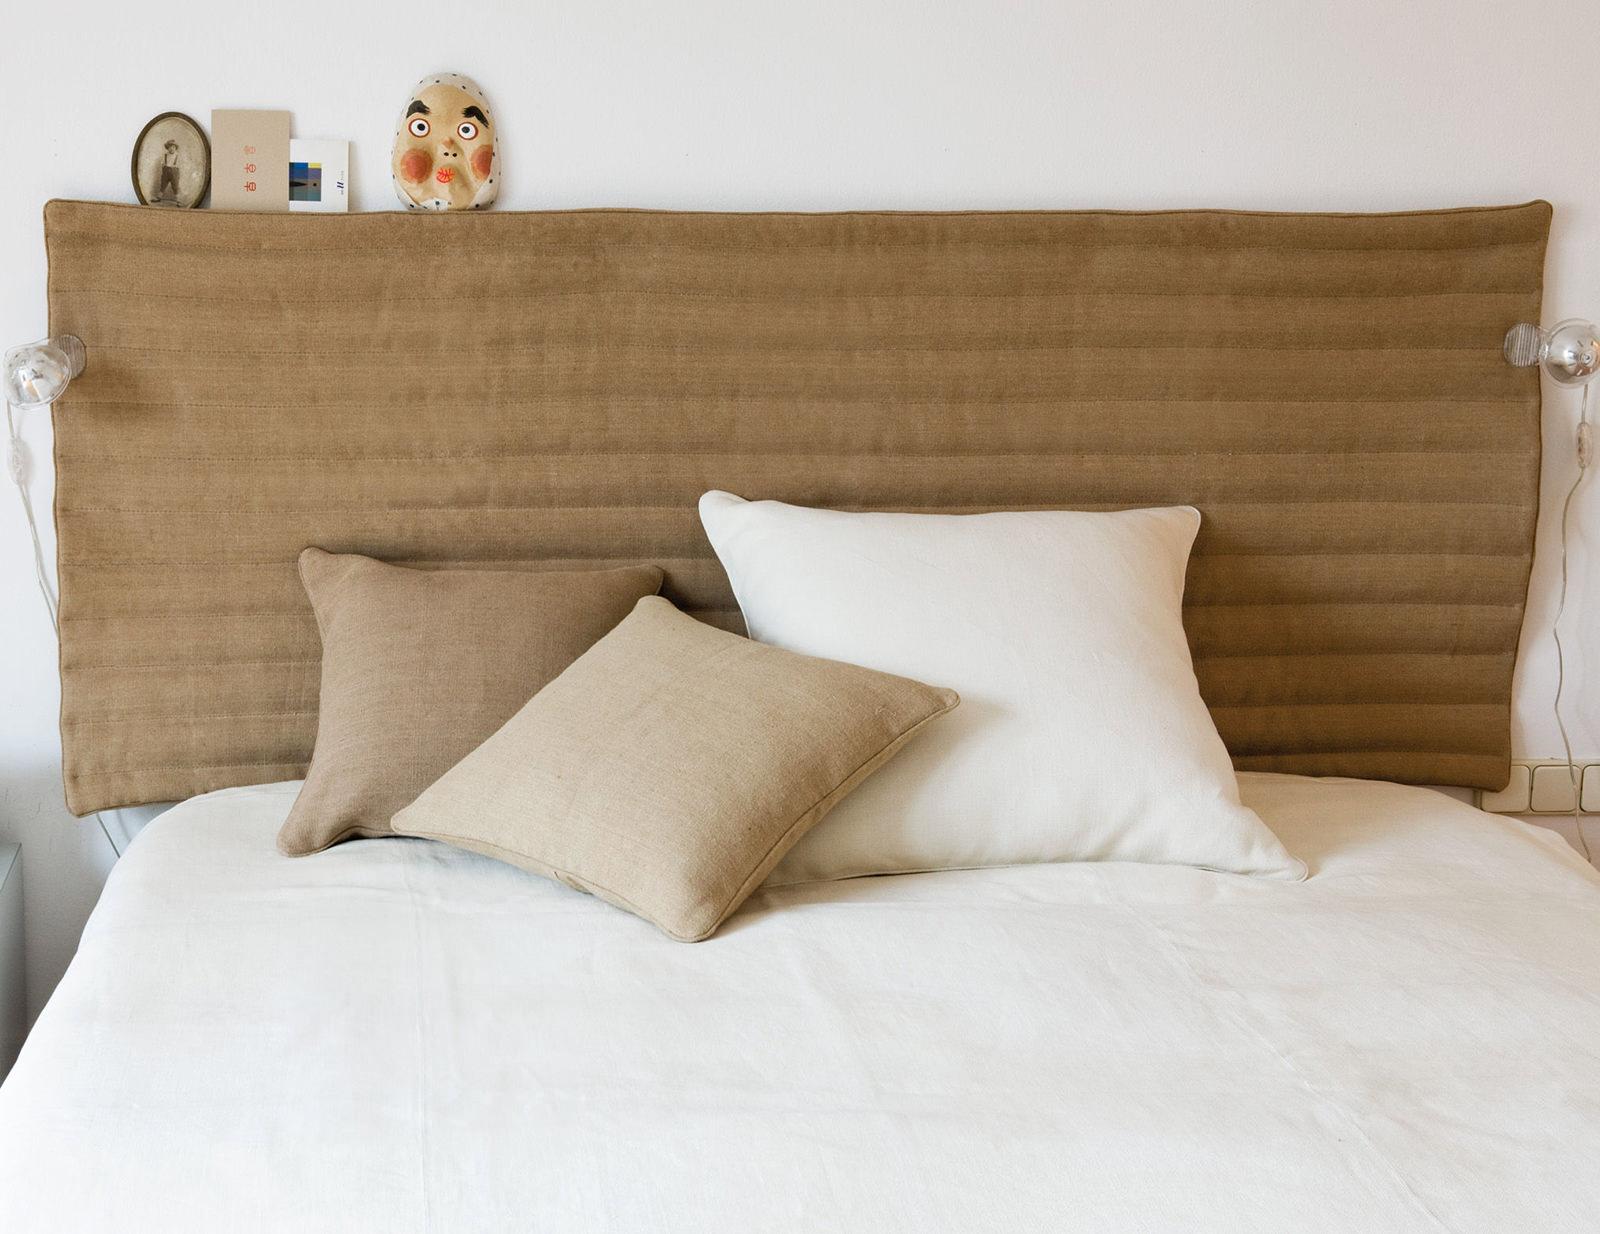 Как самостоятельно сделать двуспальную кровать